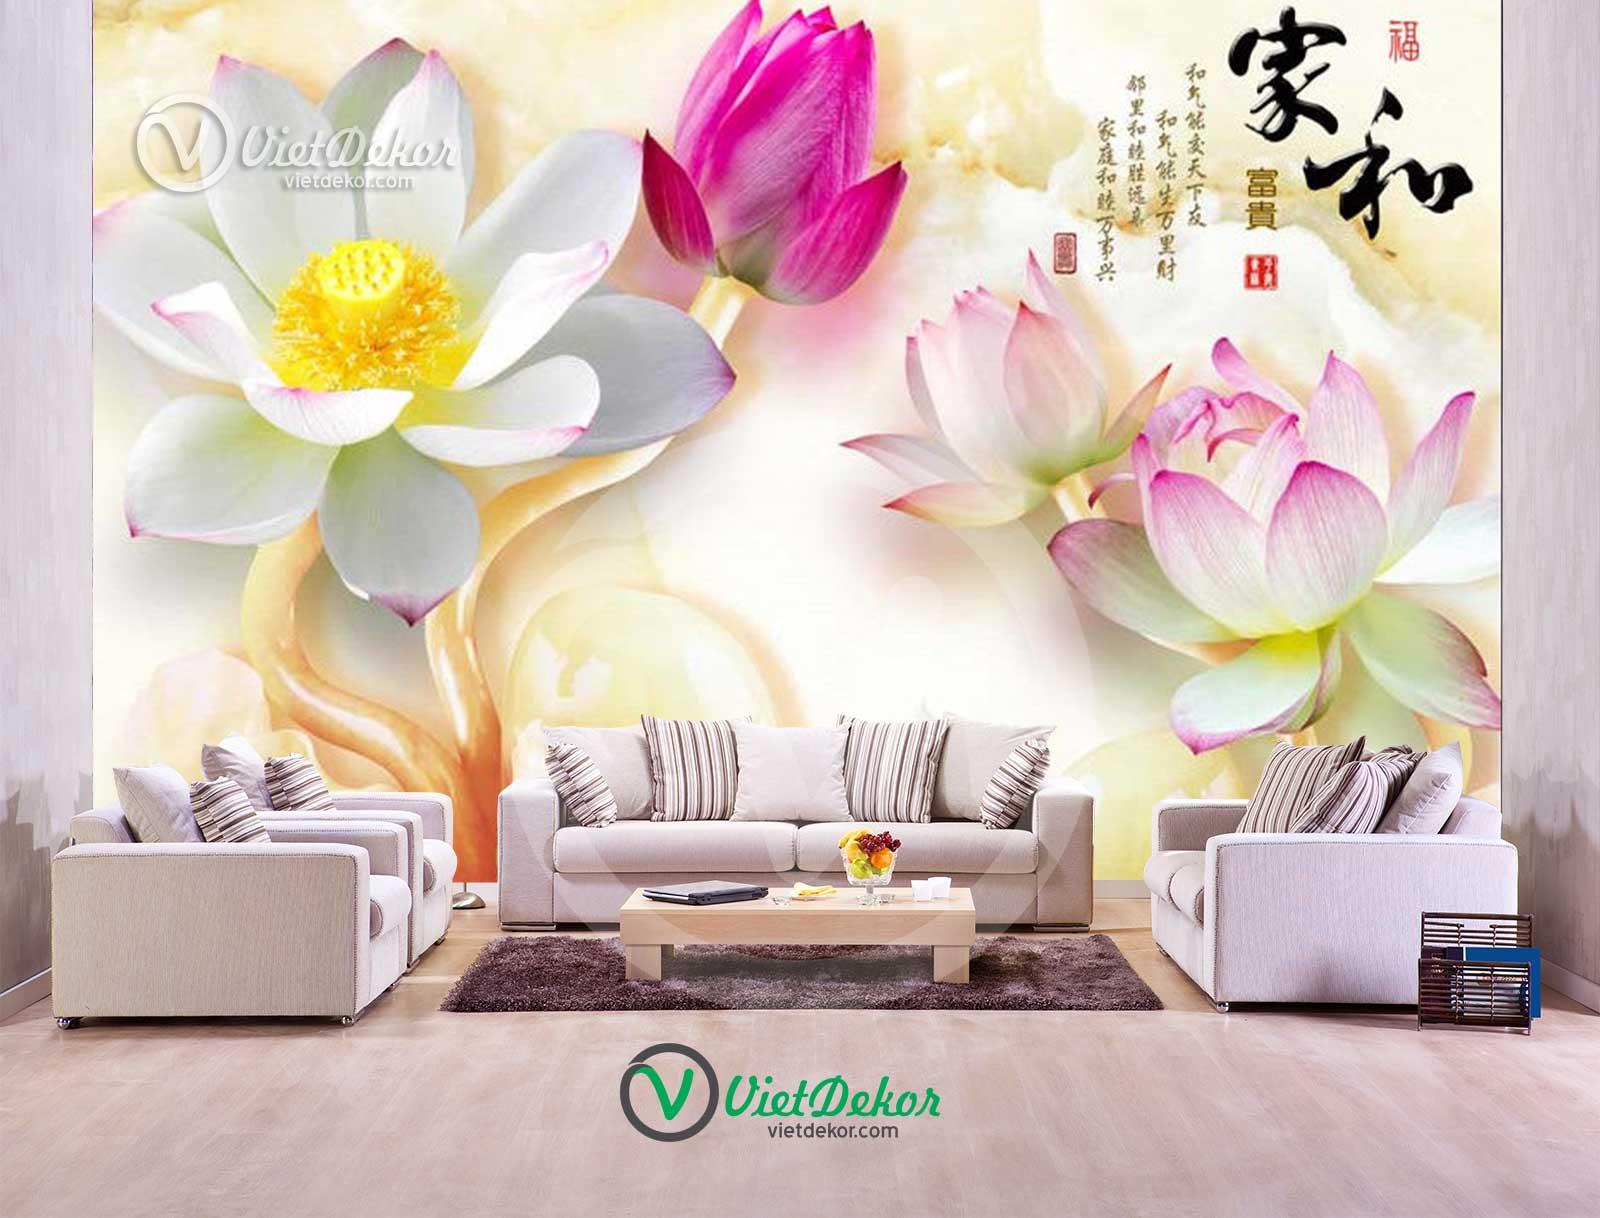 Tranh dán tường 3d hoa sen